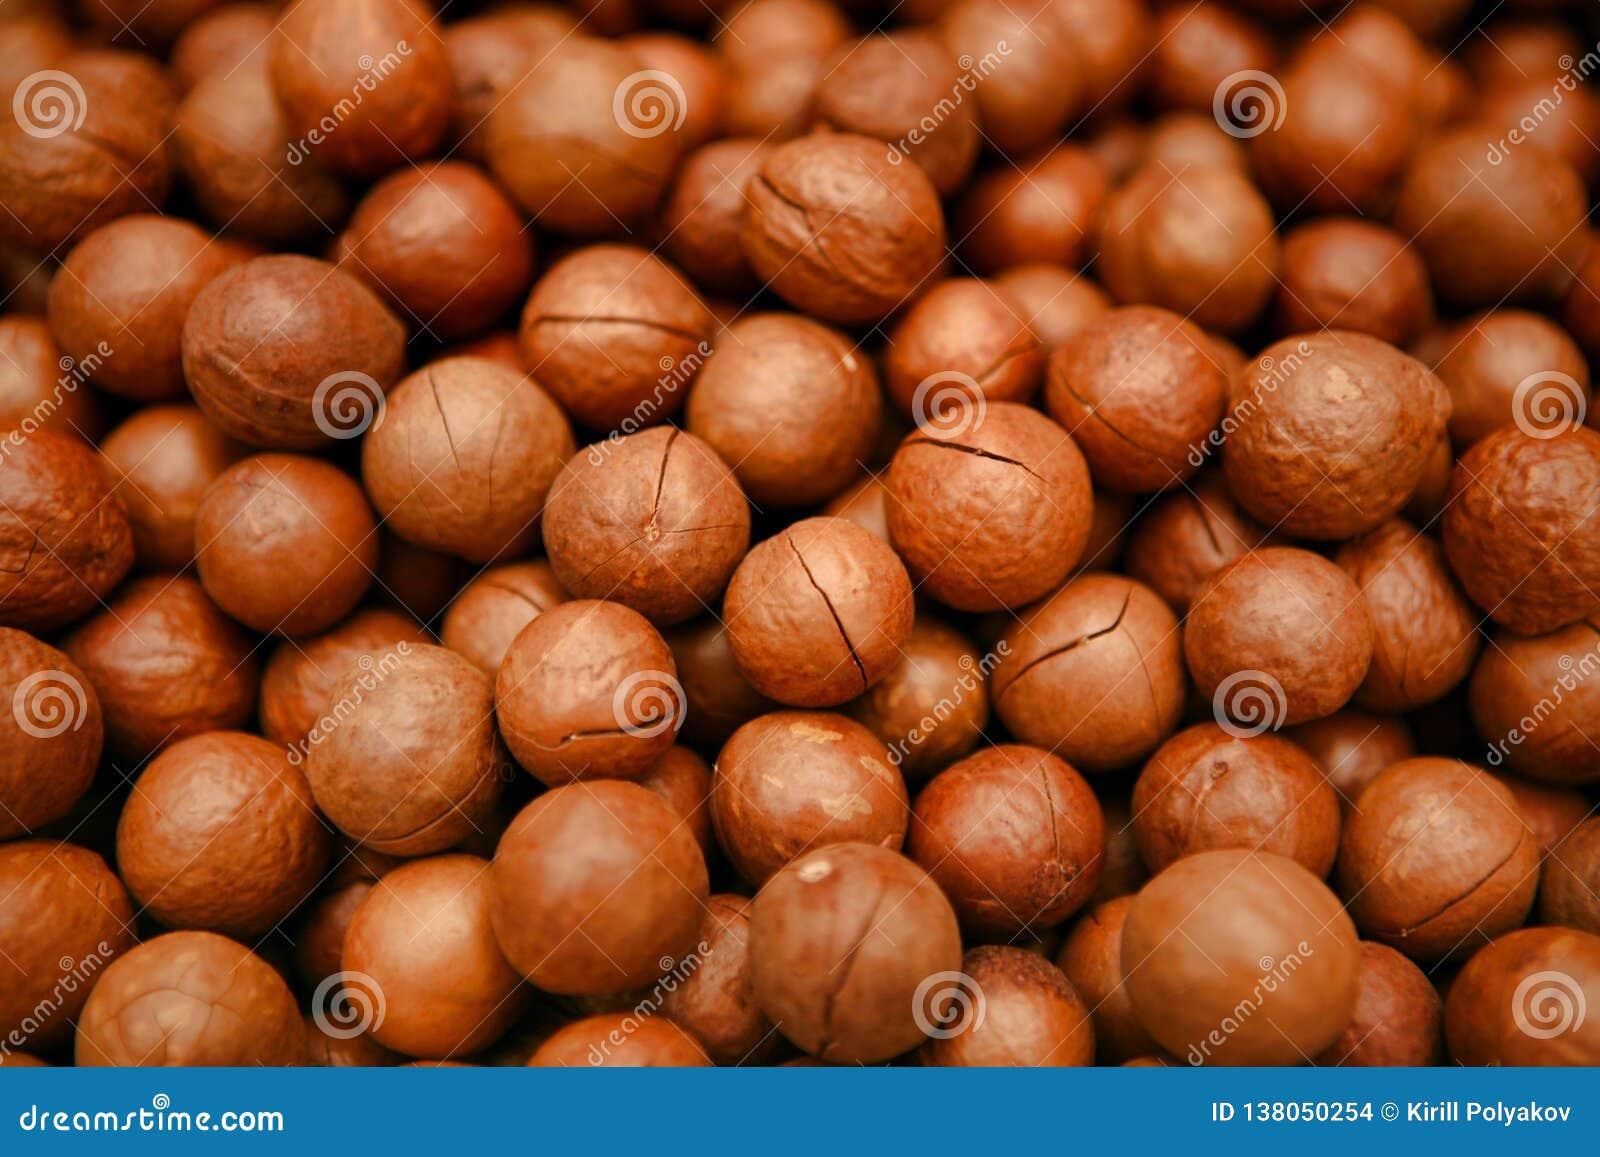 存放人其中一枚最可贵的坚果在世界上-马卡达姆坚果